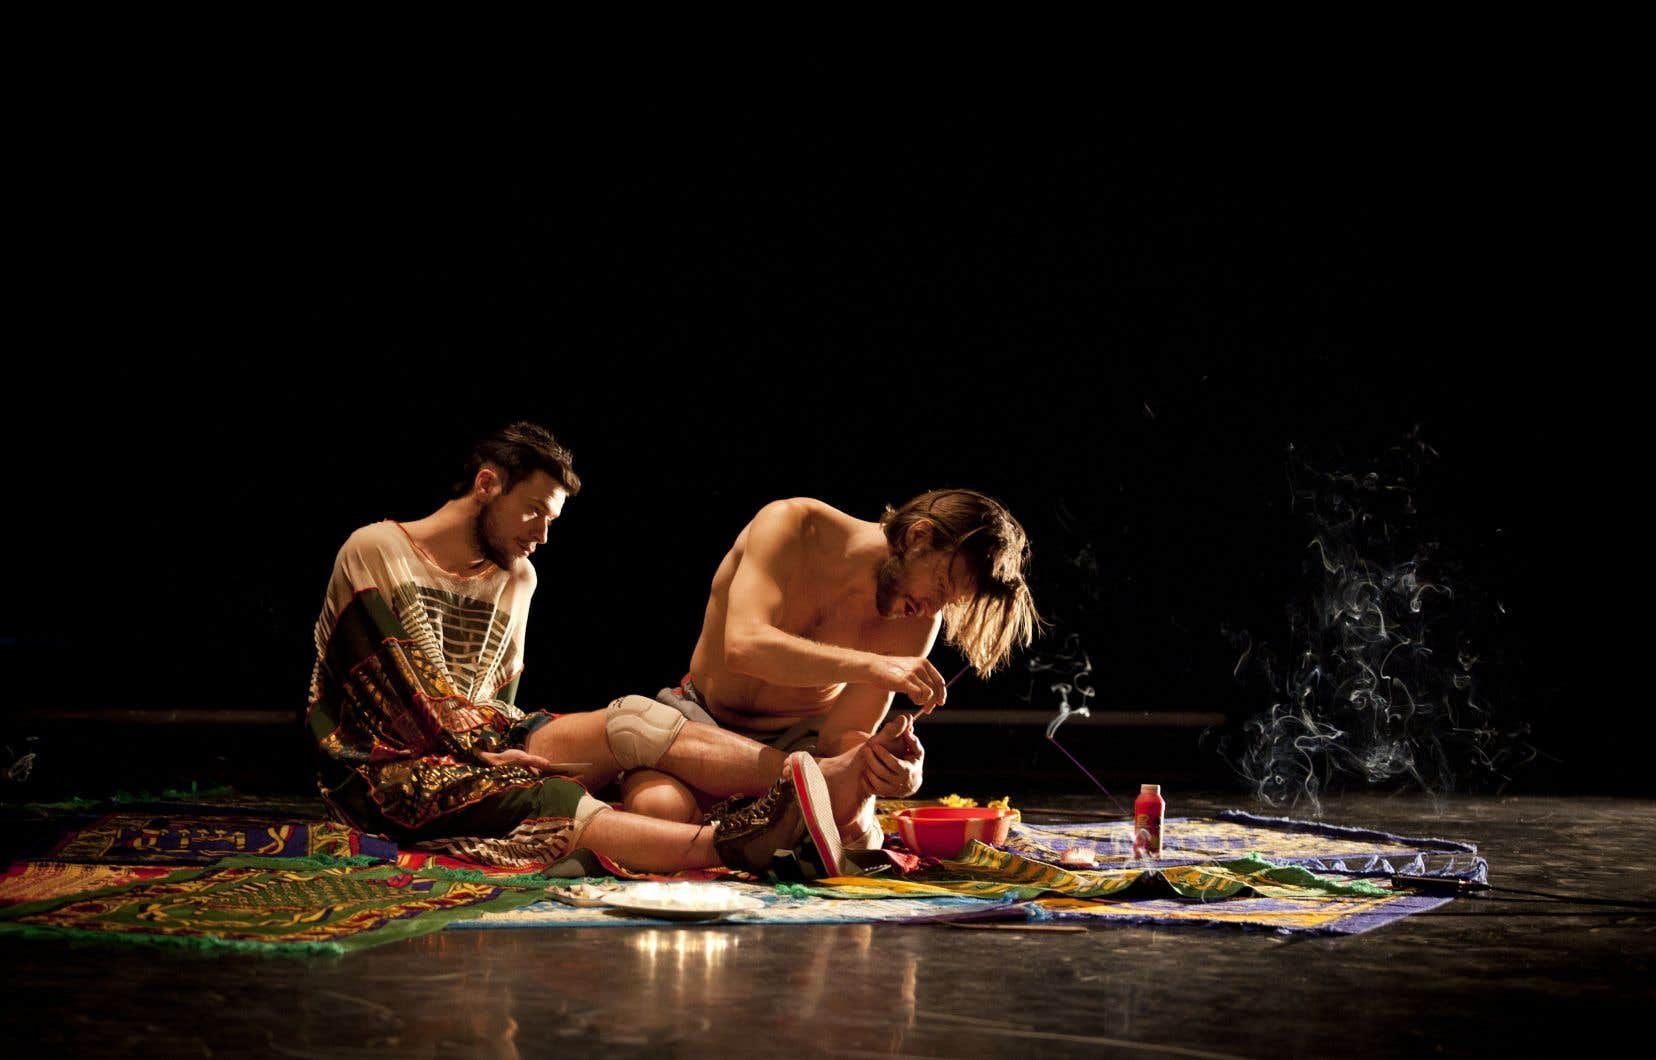 L'un des interprètes brosse les cheveux de l'autre, lui met du vernis sur les ongles. Rires complices, chants. Ce tableau cinématographique est très intime, sensuel, mais pas pour autant sexuel.